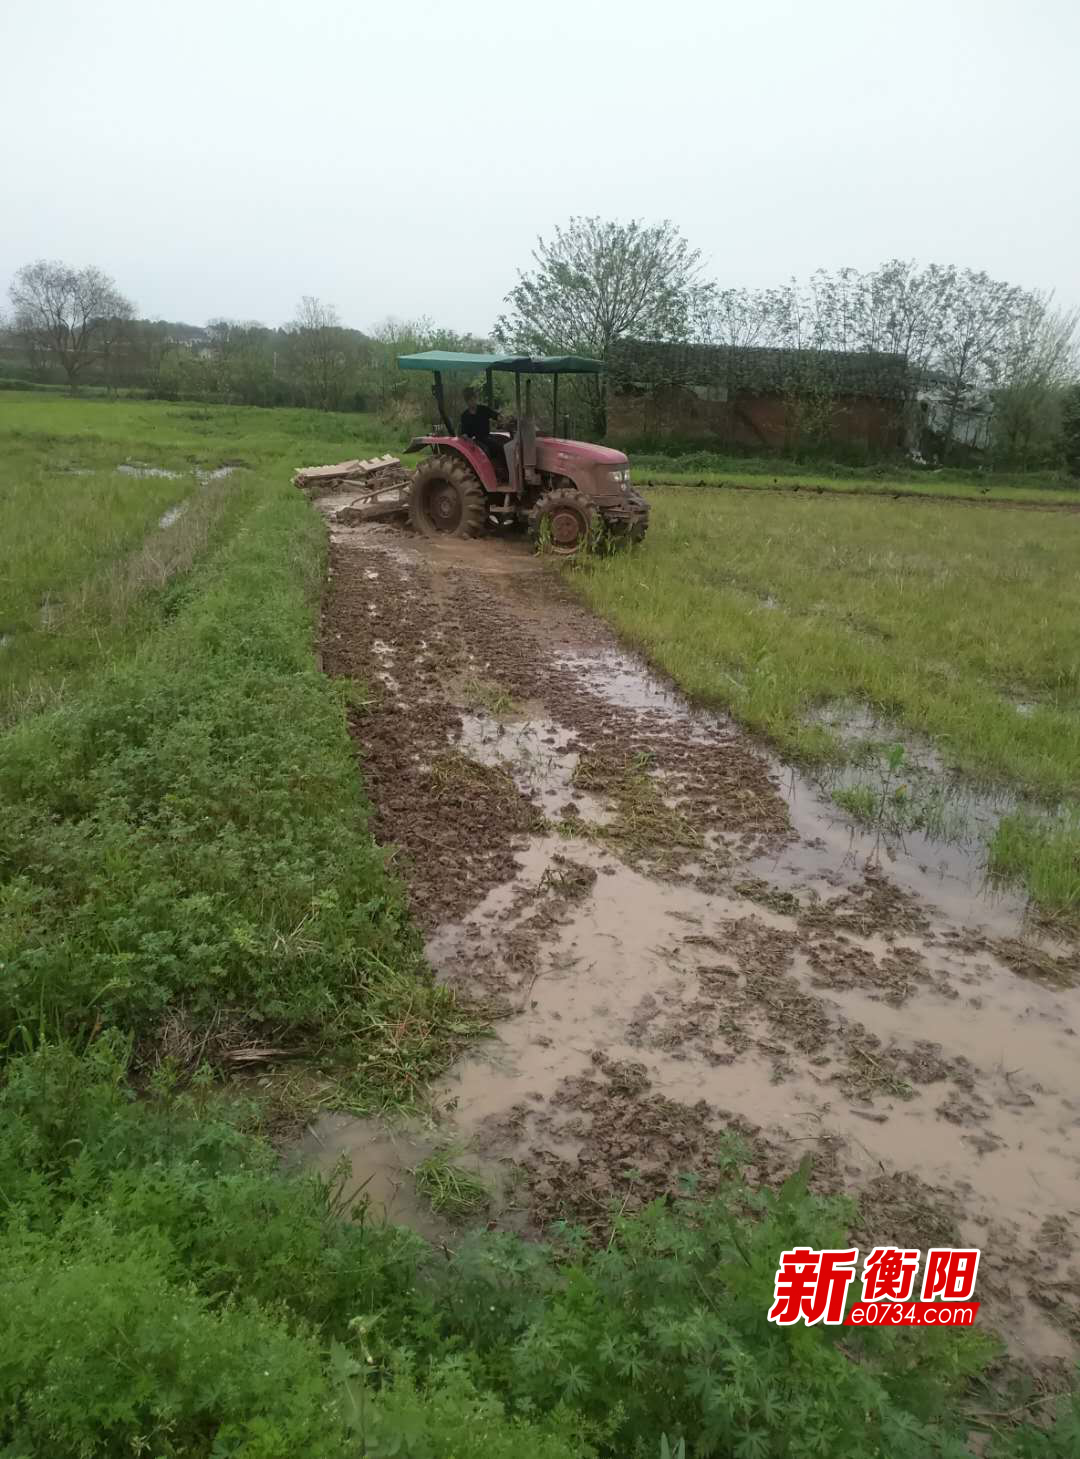 蒸湘區呆鷹嶺鎮全力抓好早稻生產 掀起春耕備耕熱潮